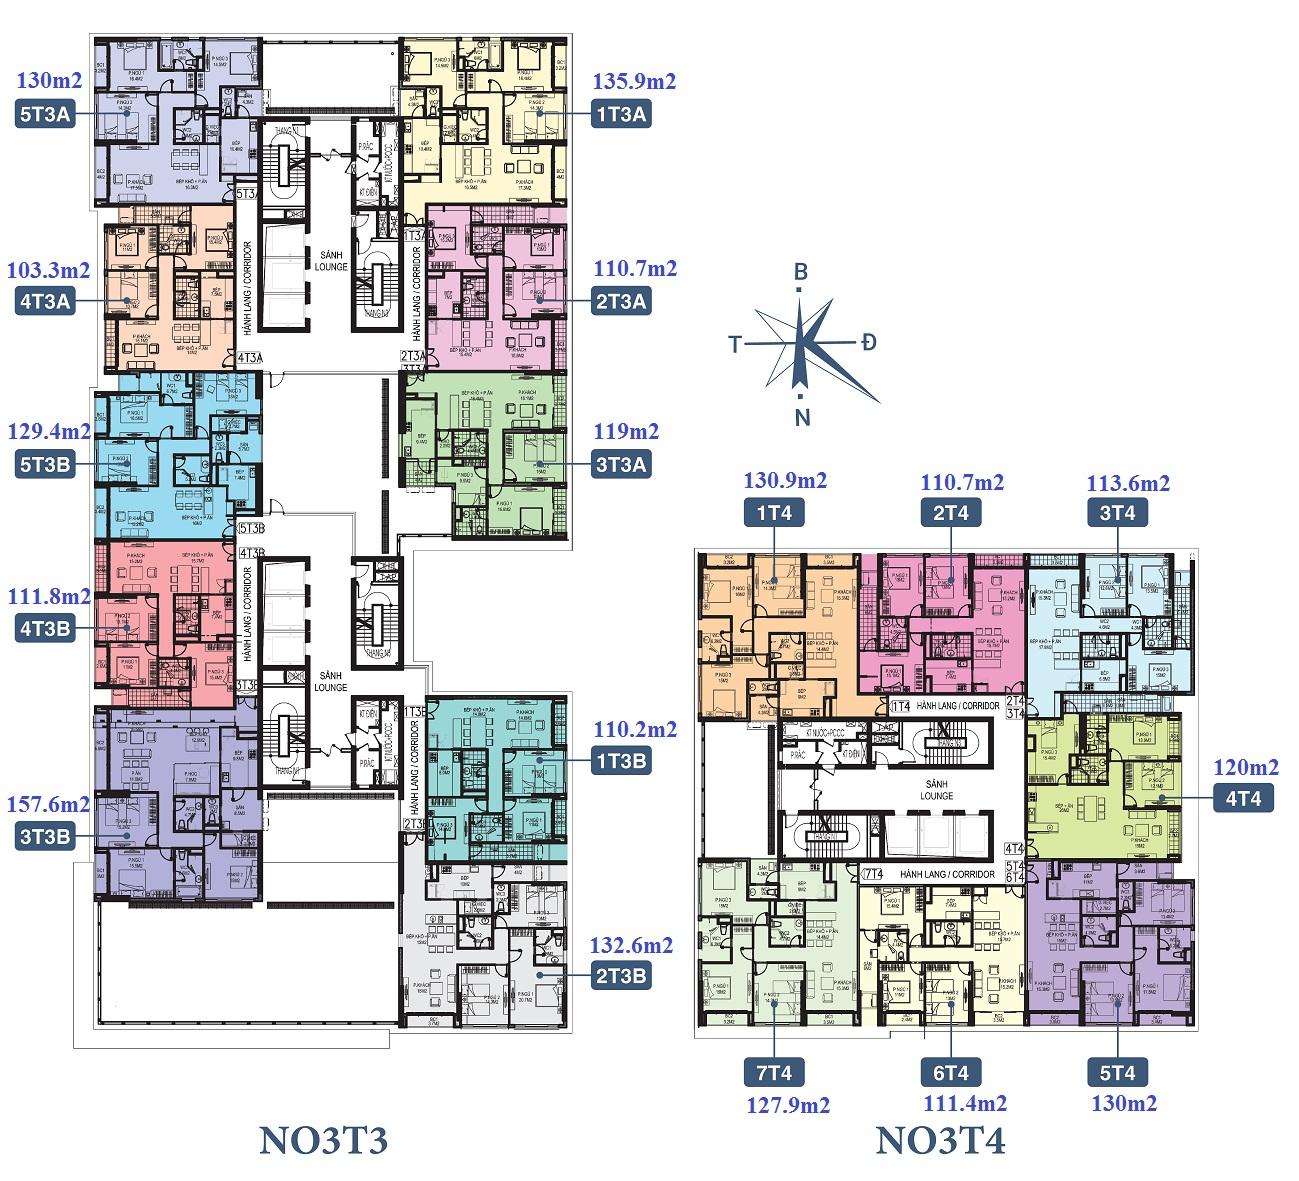 Mặt bằng thiết kế căn hộ N03T4 Ngoại Giao Đoàn